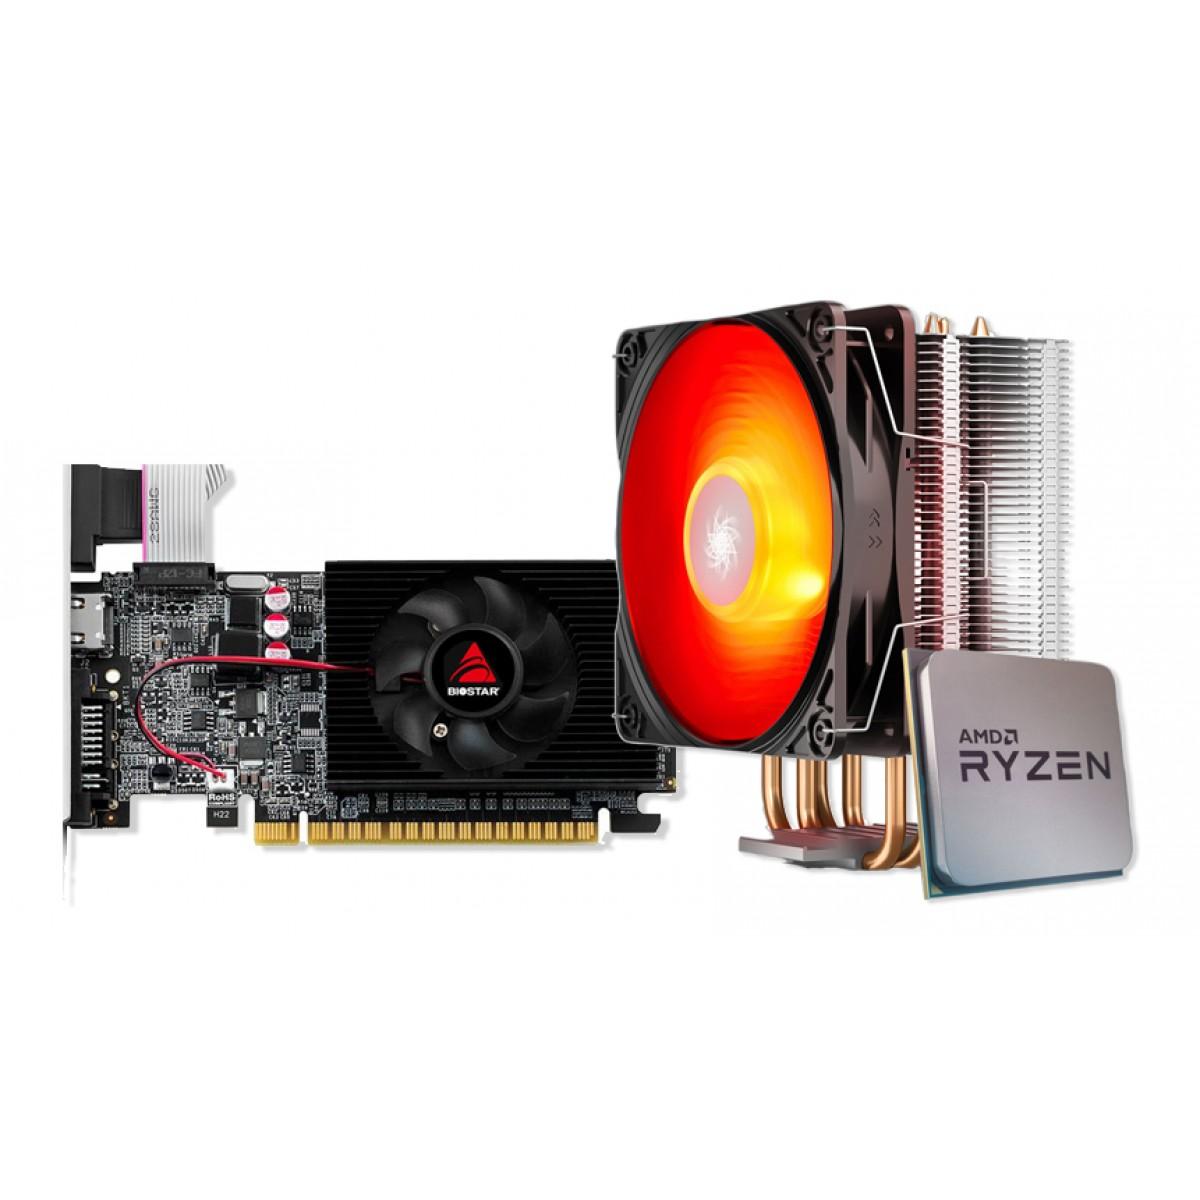 Kit Upgrade  Biostar GeForce GT 710 + Ryzen 3 3300X + Brinde Cooler